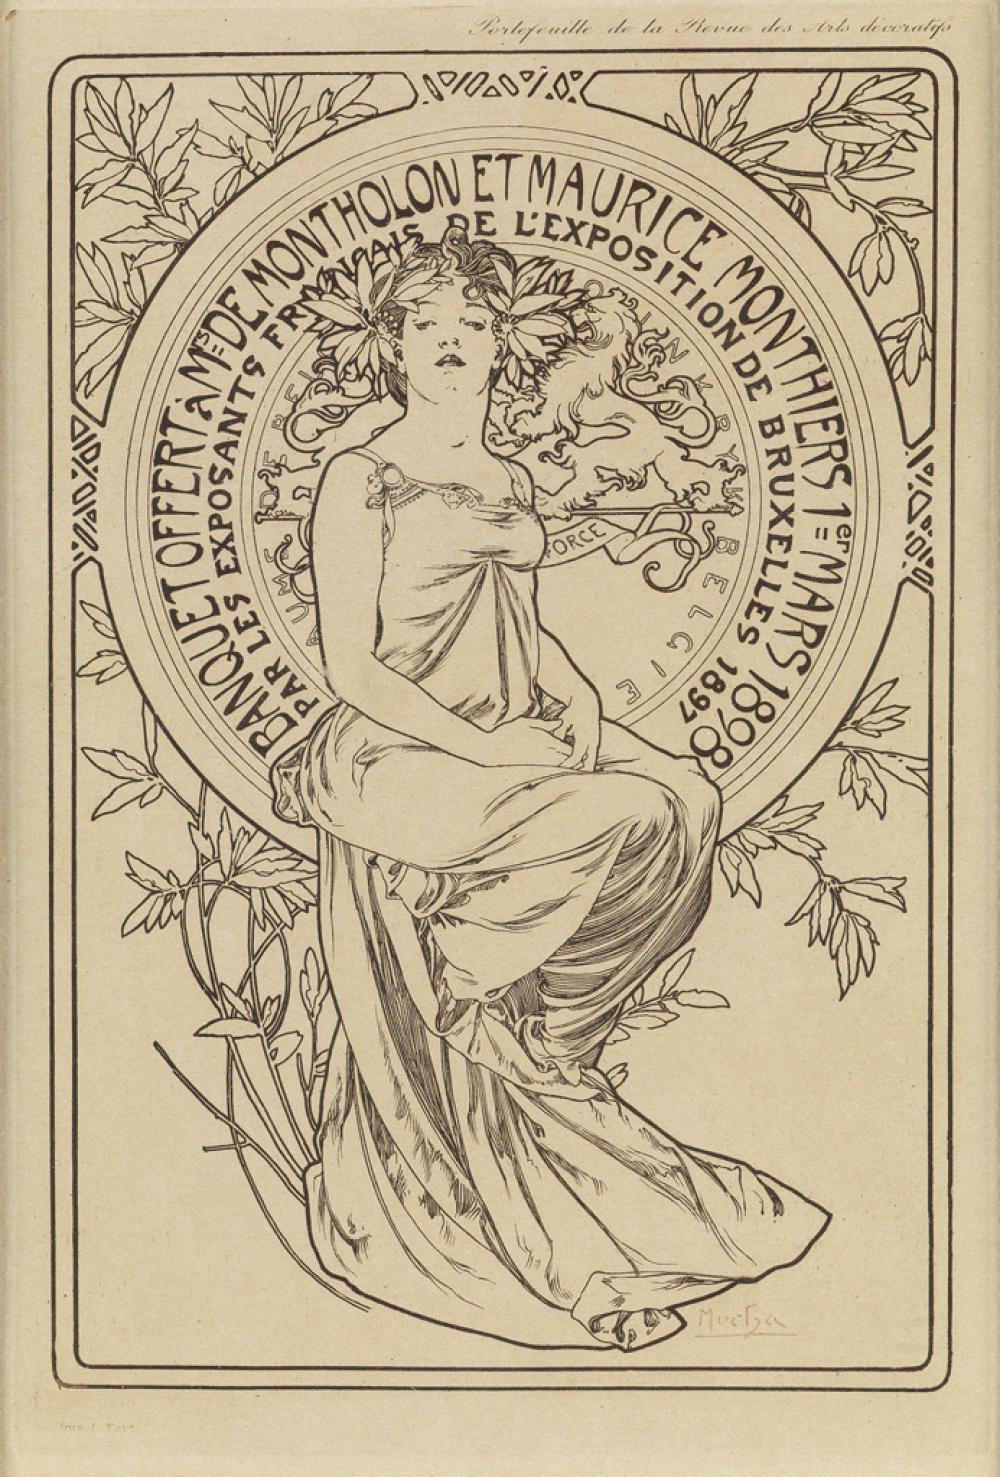 ALPHONSE MUCHA (1860-1939). BANQUET OFFERT À MRS DE MONTHOLON ET MAURICE MONTHIERS. 1898. 10x6 inches, 25x17 cm. l. Fort, [Paris.]